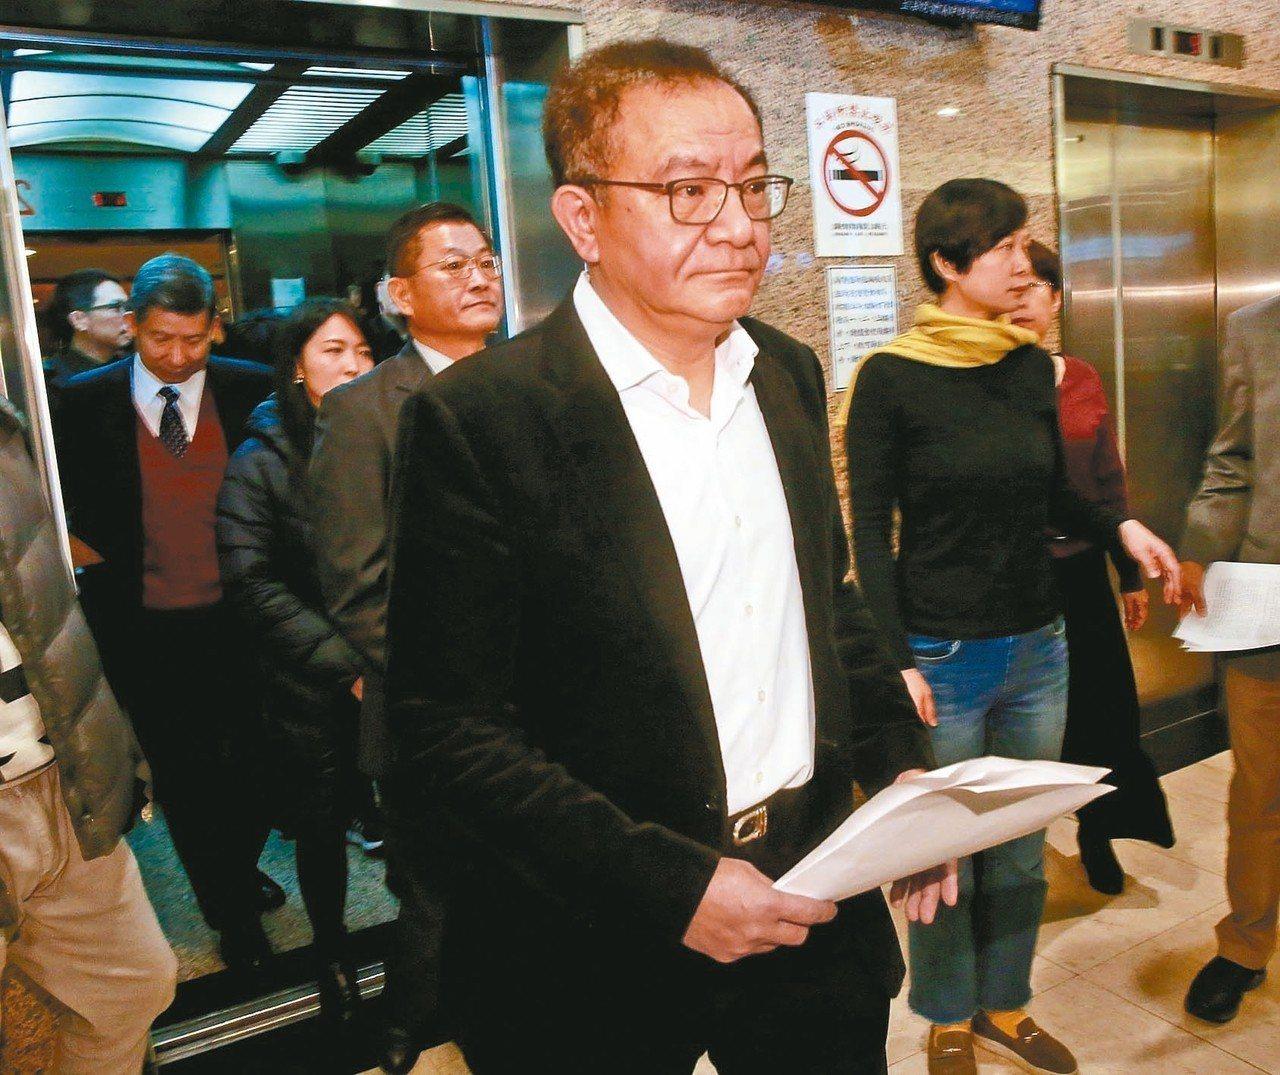 高志鵬貪汙罪定讞,他昨天表示,會提非常上訴。 記者黃義書/攝影